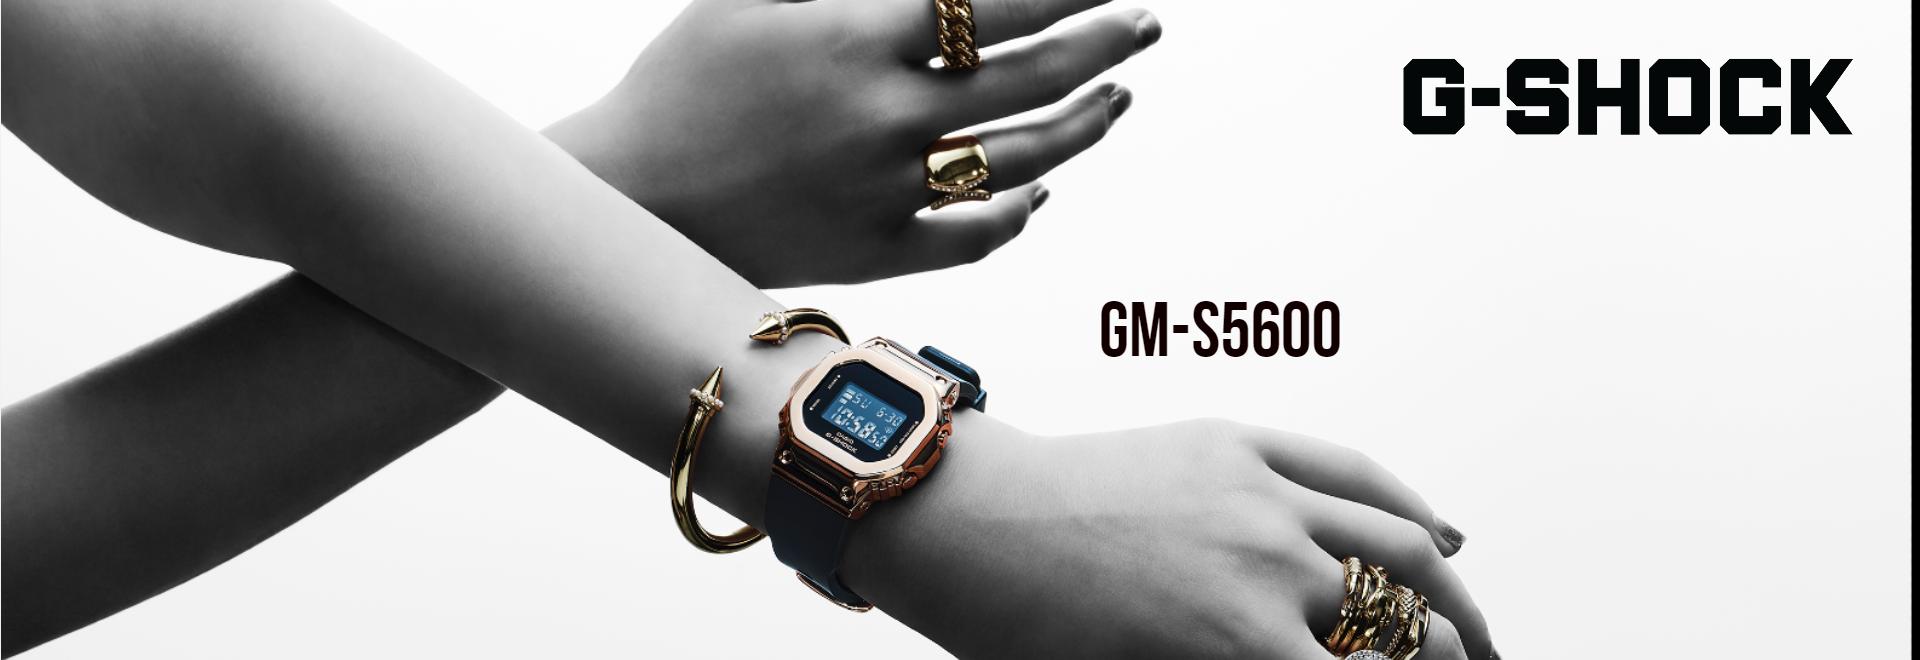 GM-S5600